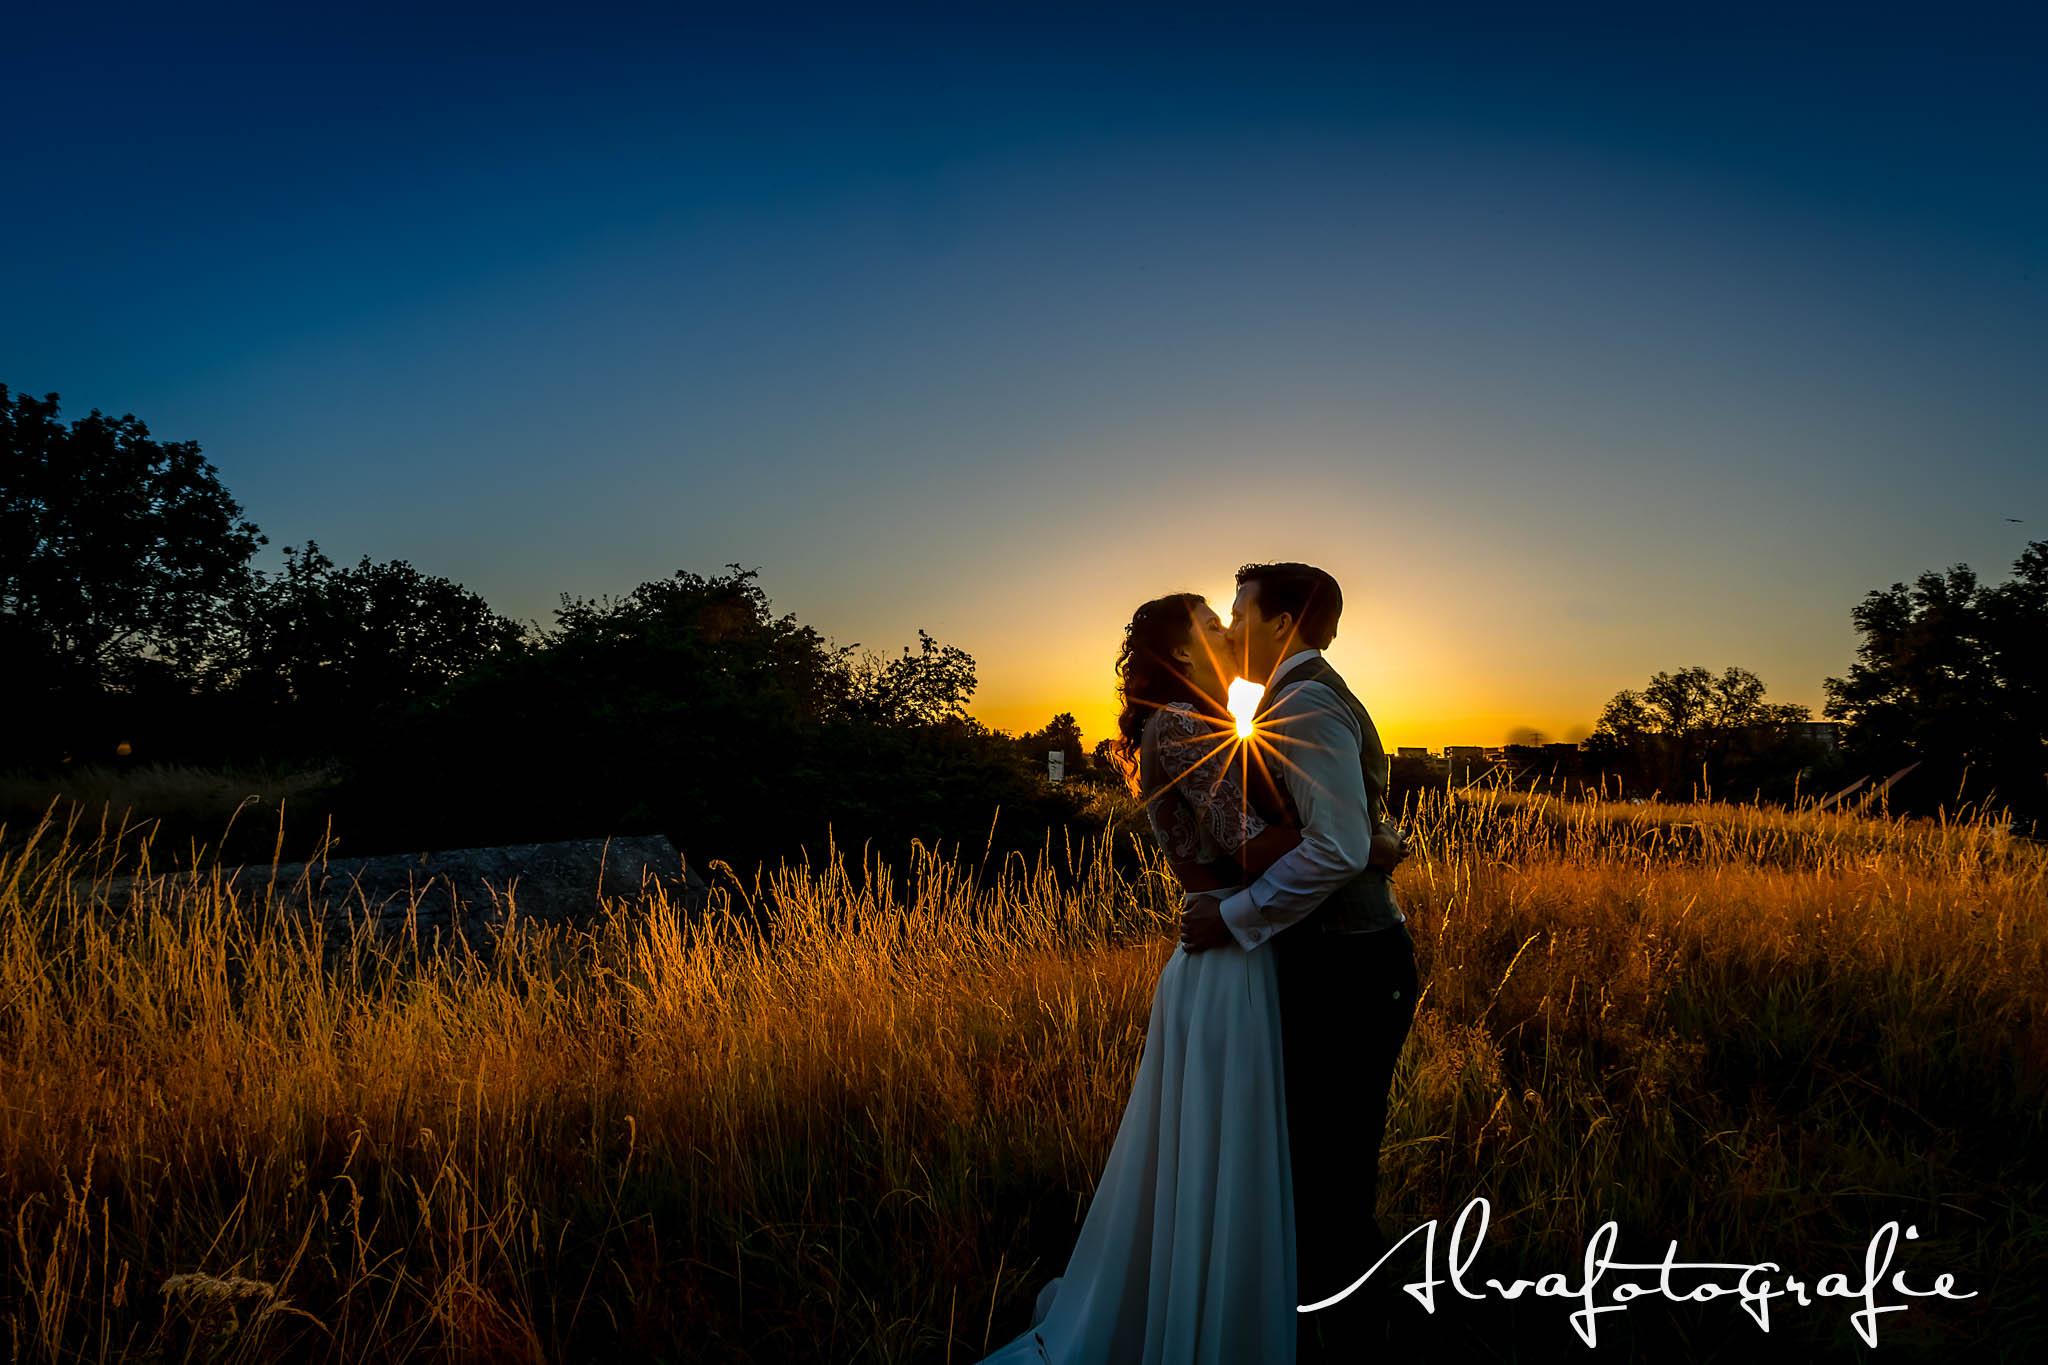 Bruiloft Maren en Tim Alvafotografie zonsondergang bruidspaar